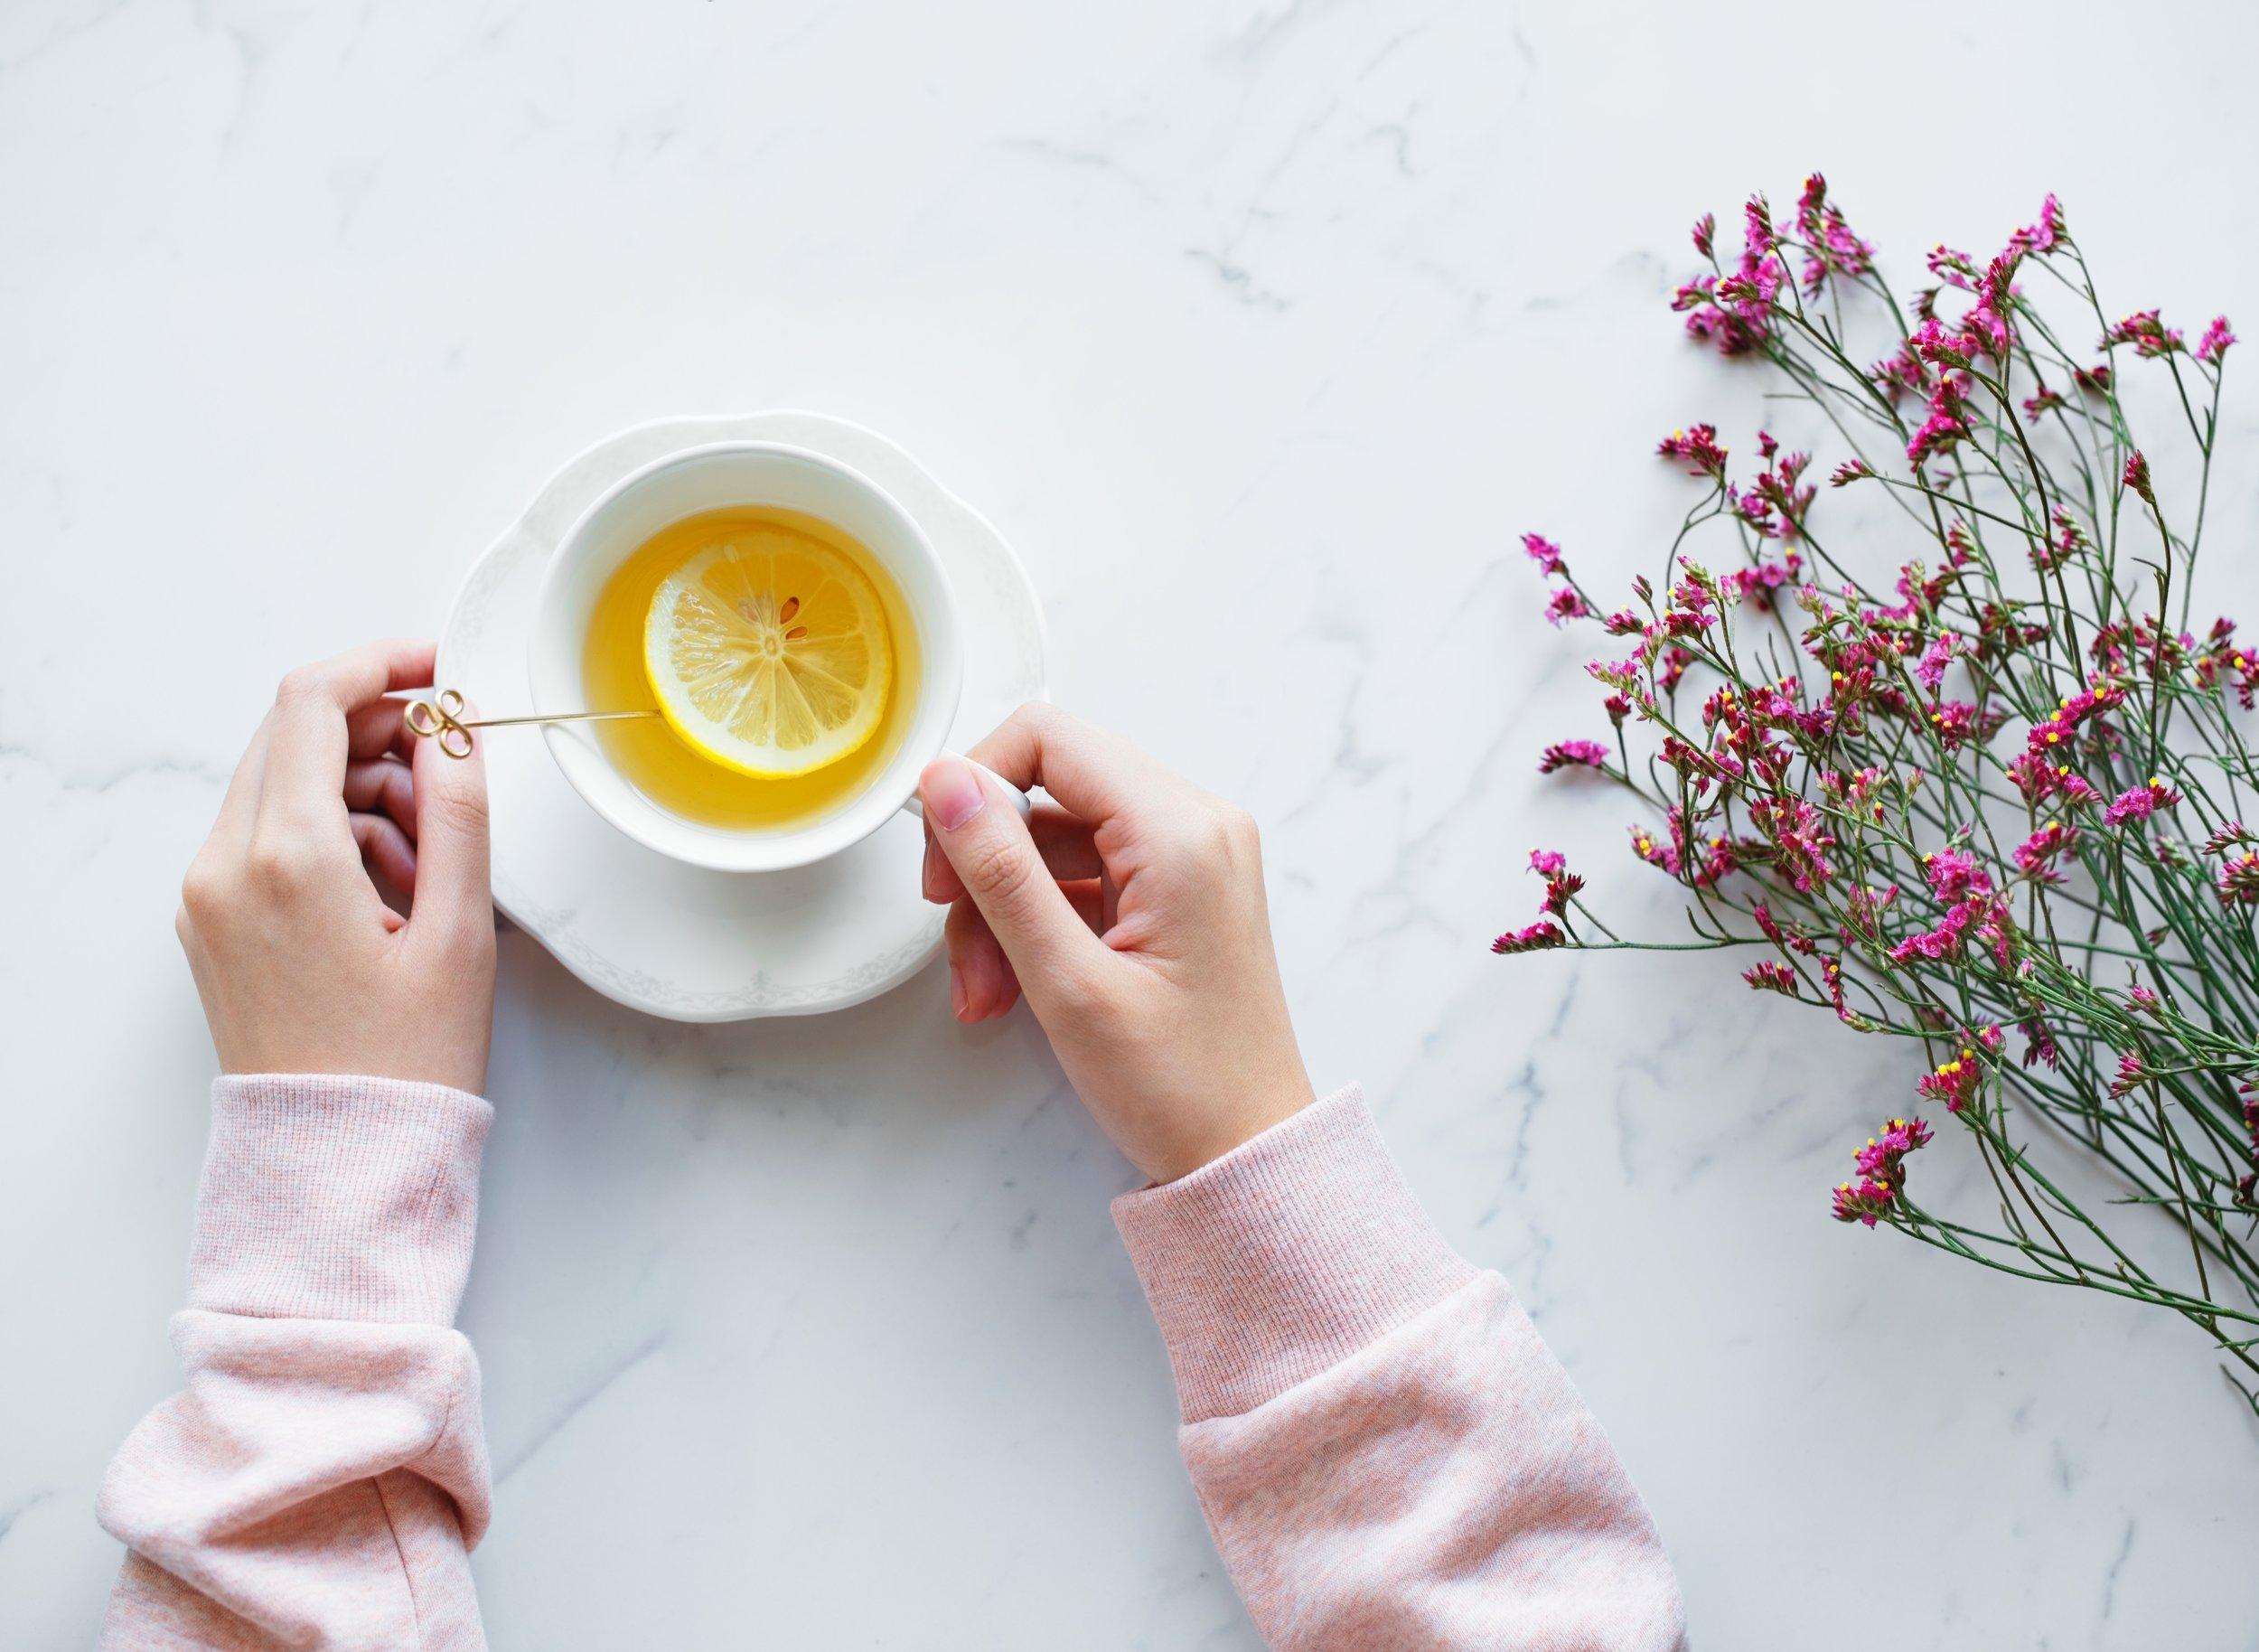 lemon-and-honey-drink.jpg